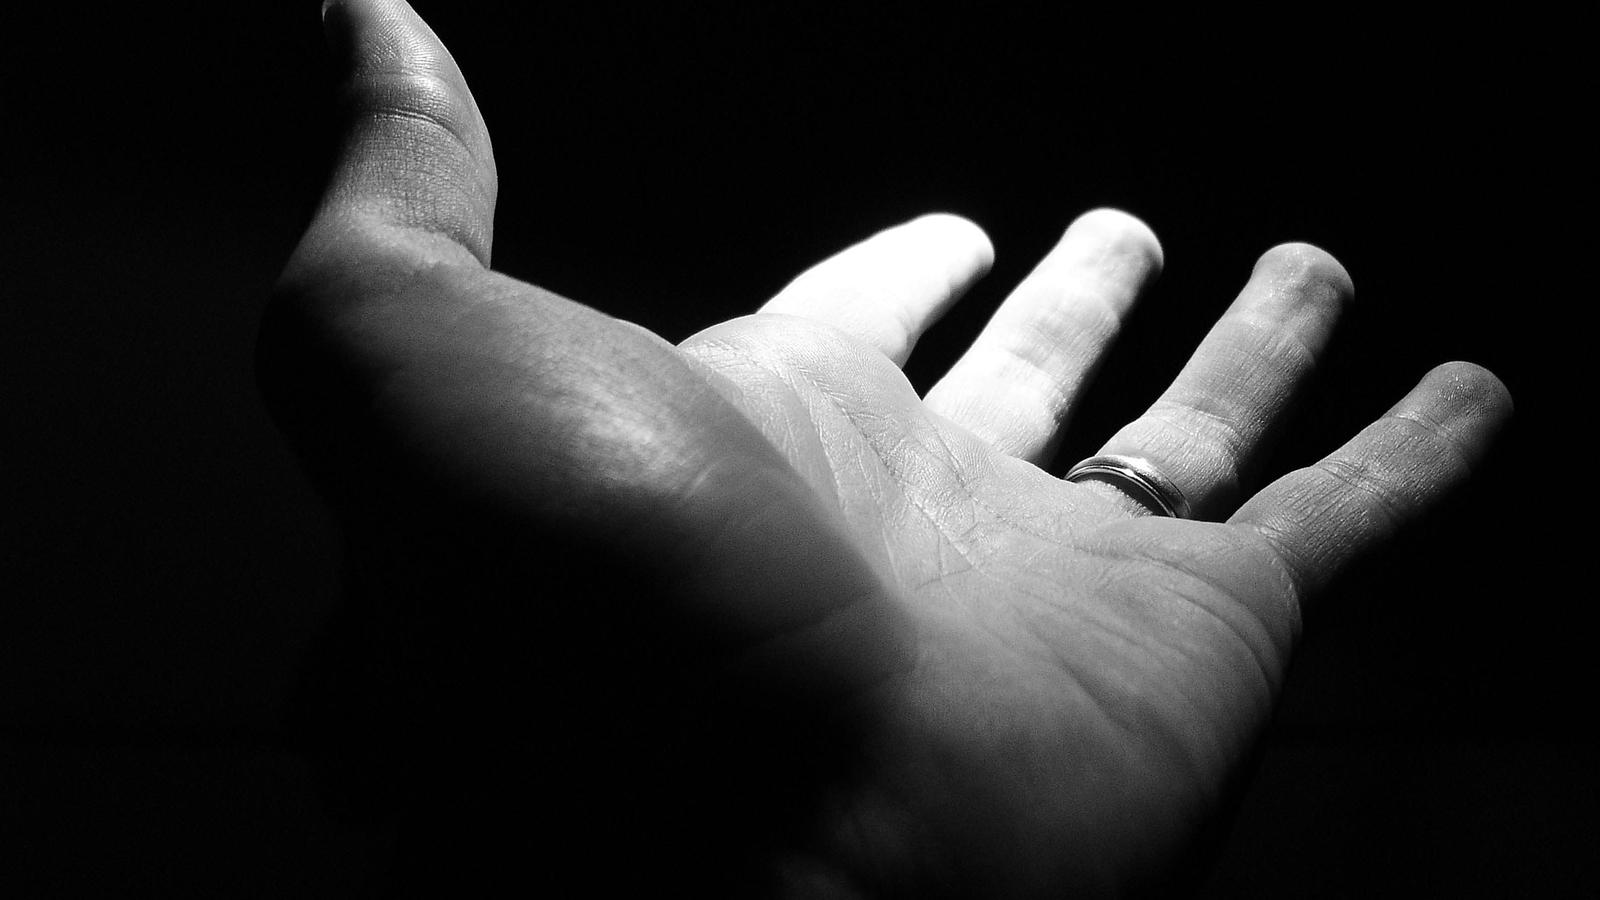 Vídeo: marido decepa mãos da esposa por ciúmes